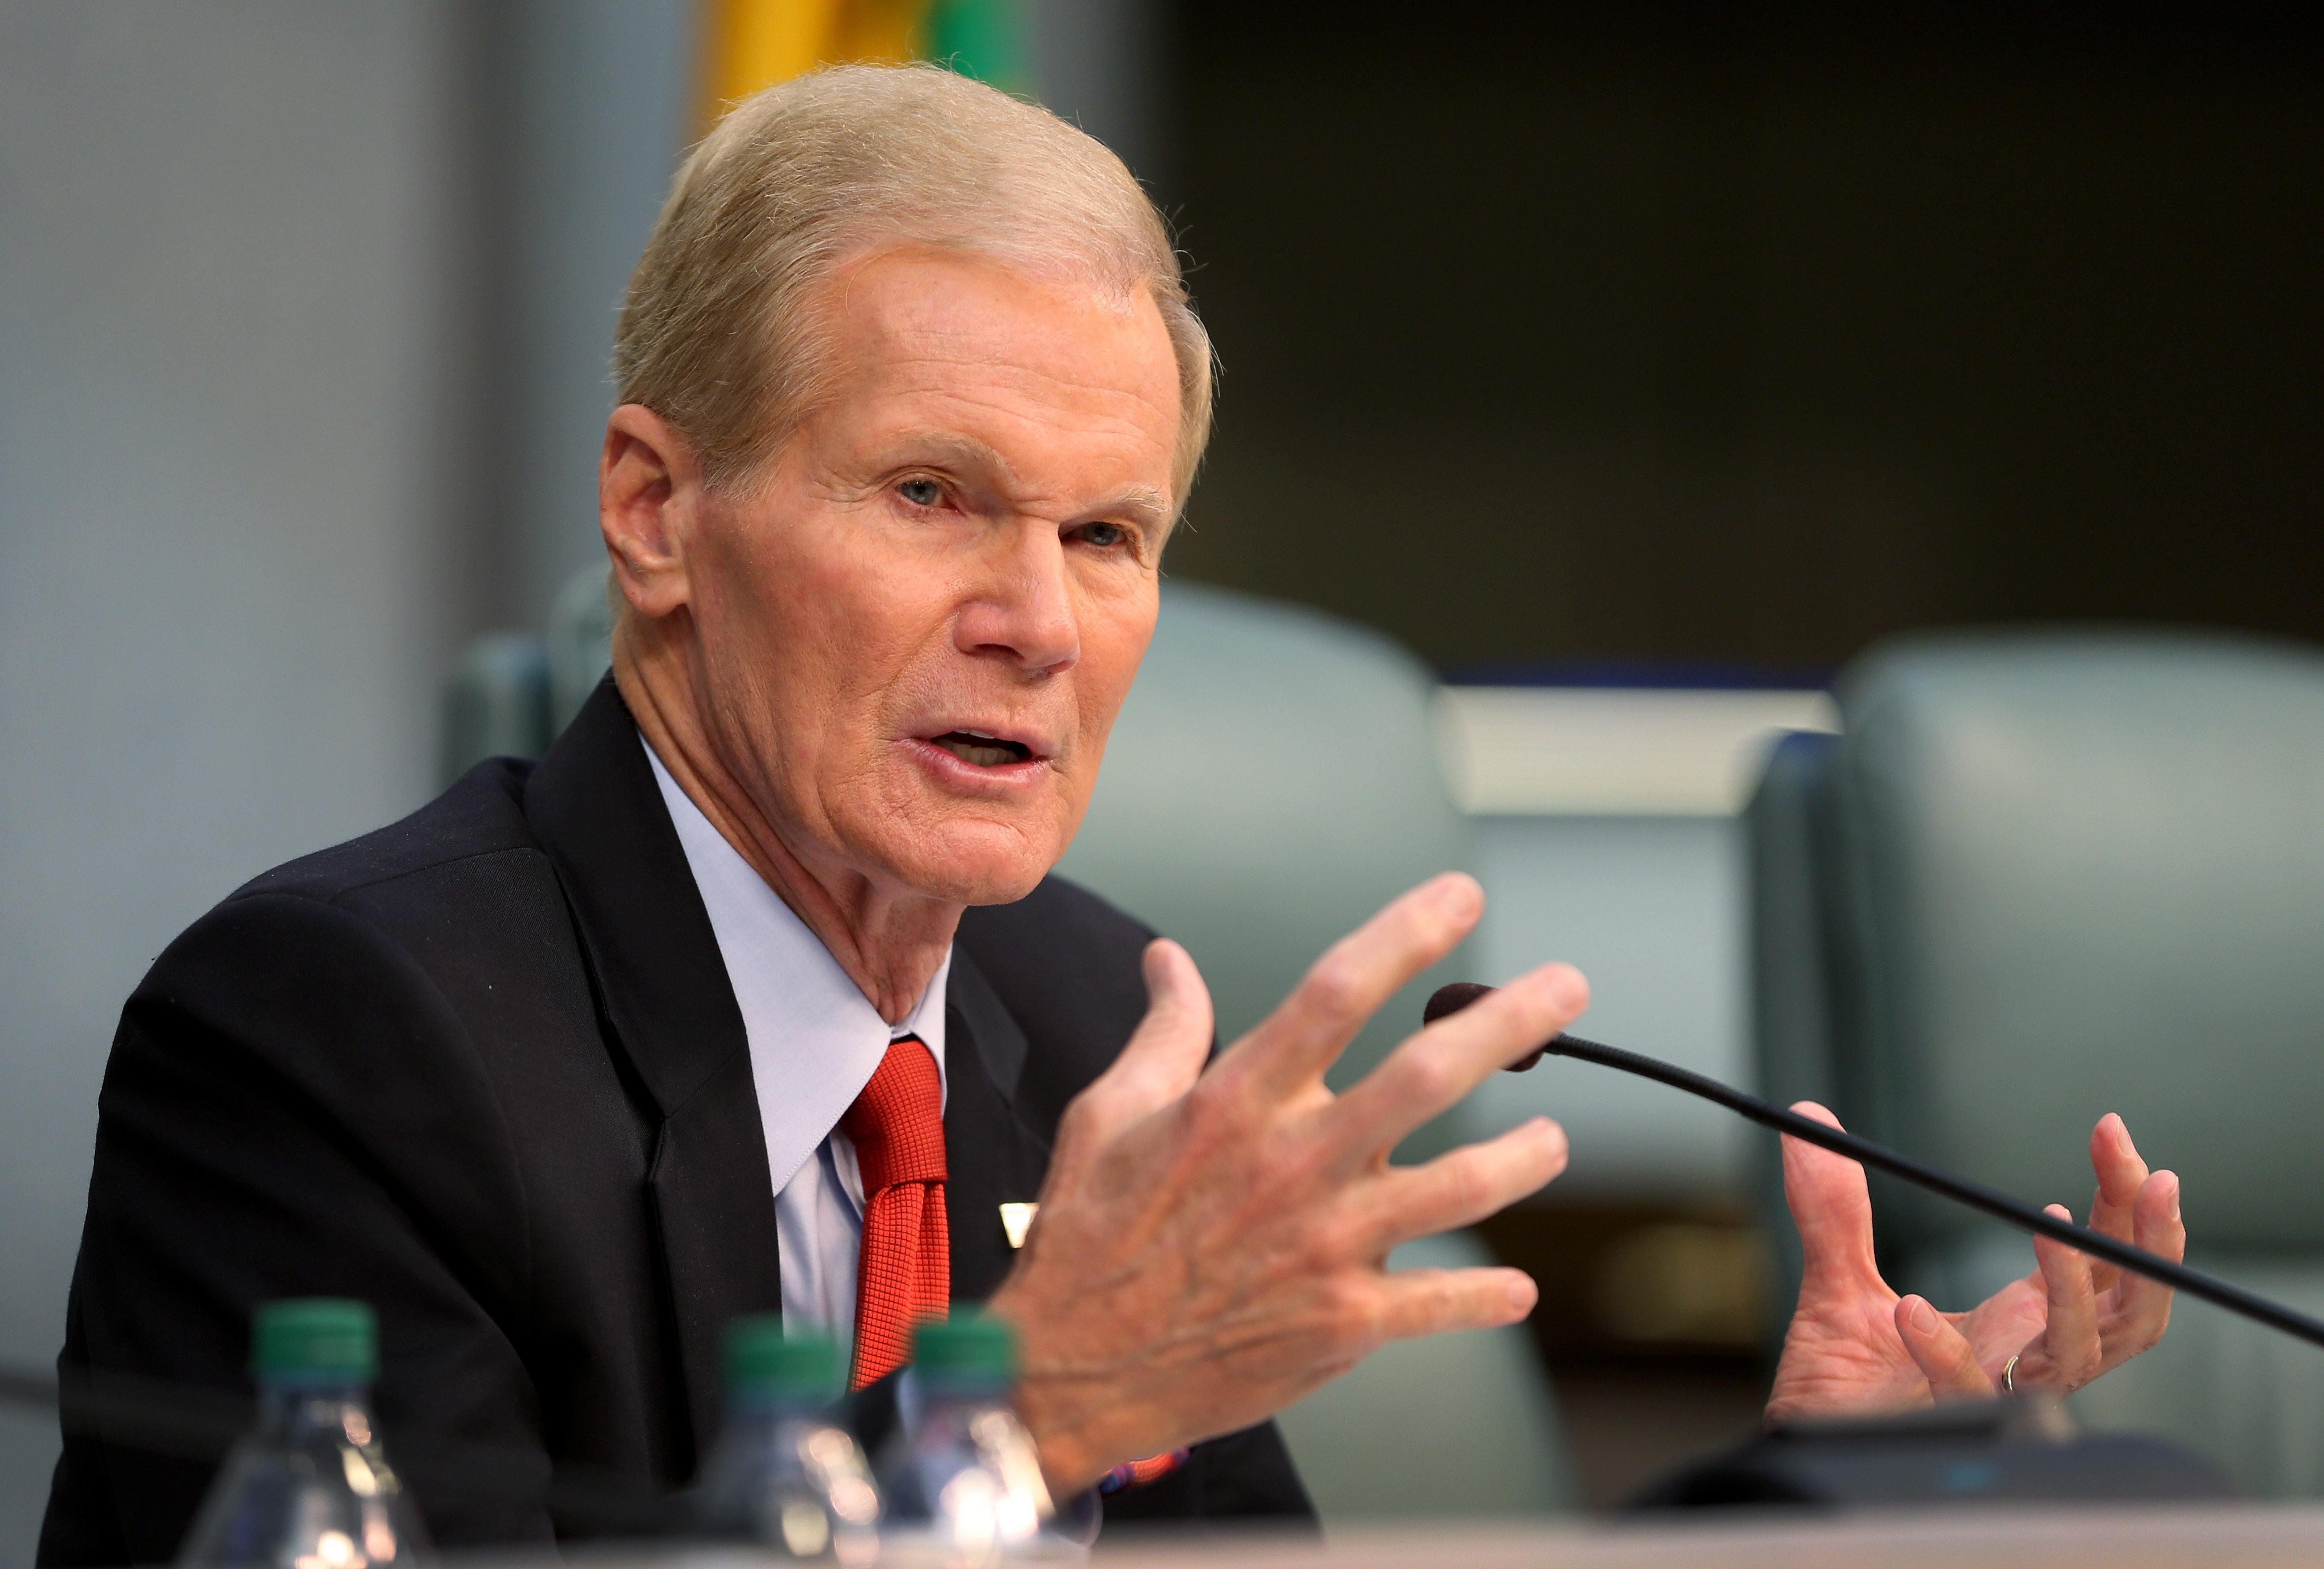 Sen. Bill Nelson